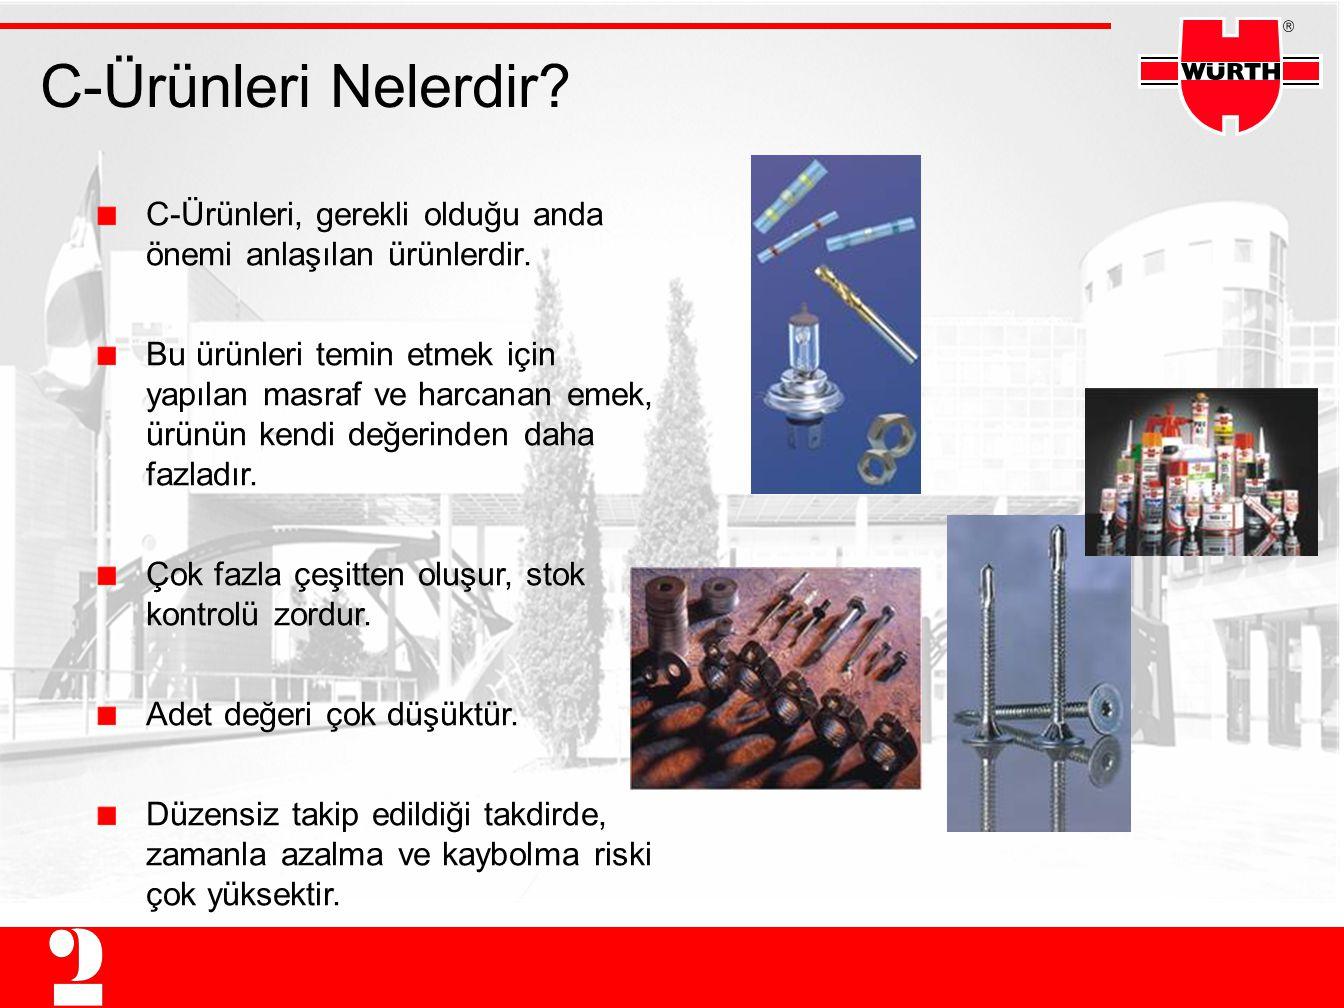 C-Ürünleri Nelerdir C-Ürünleri, gerekli olduğu anda önemi anlaşılan ürünlerdir.